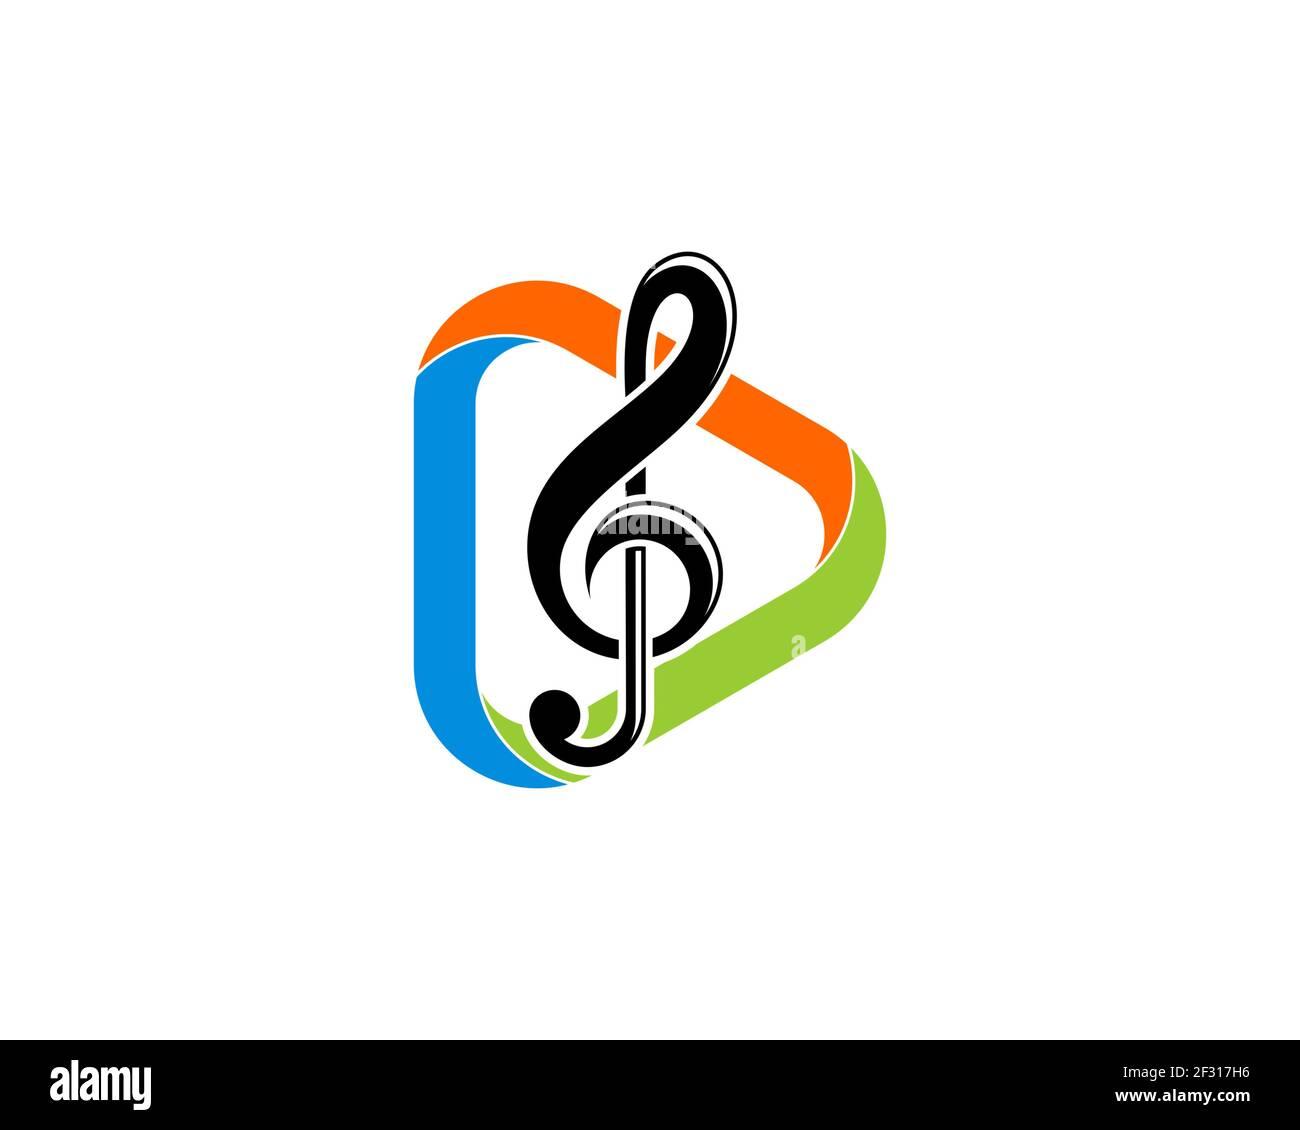 Pulsante di riproduzione multimediale con nota musicale all'interno Foto Stock